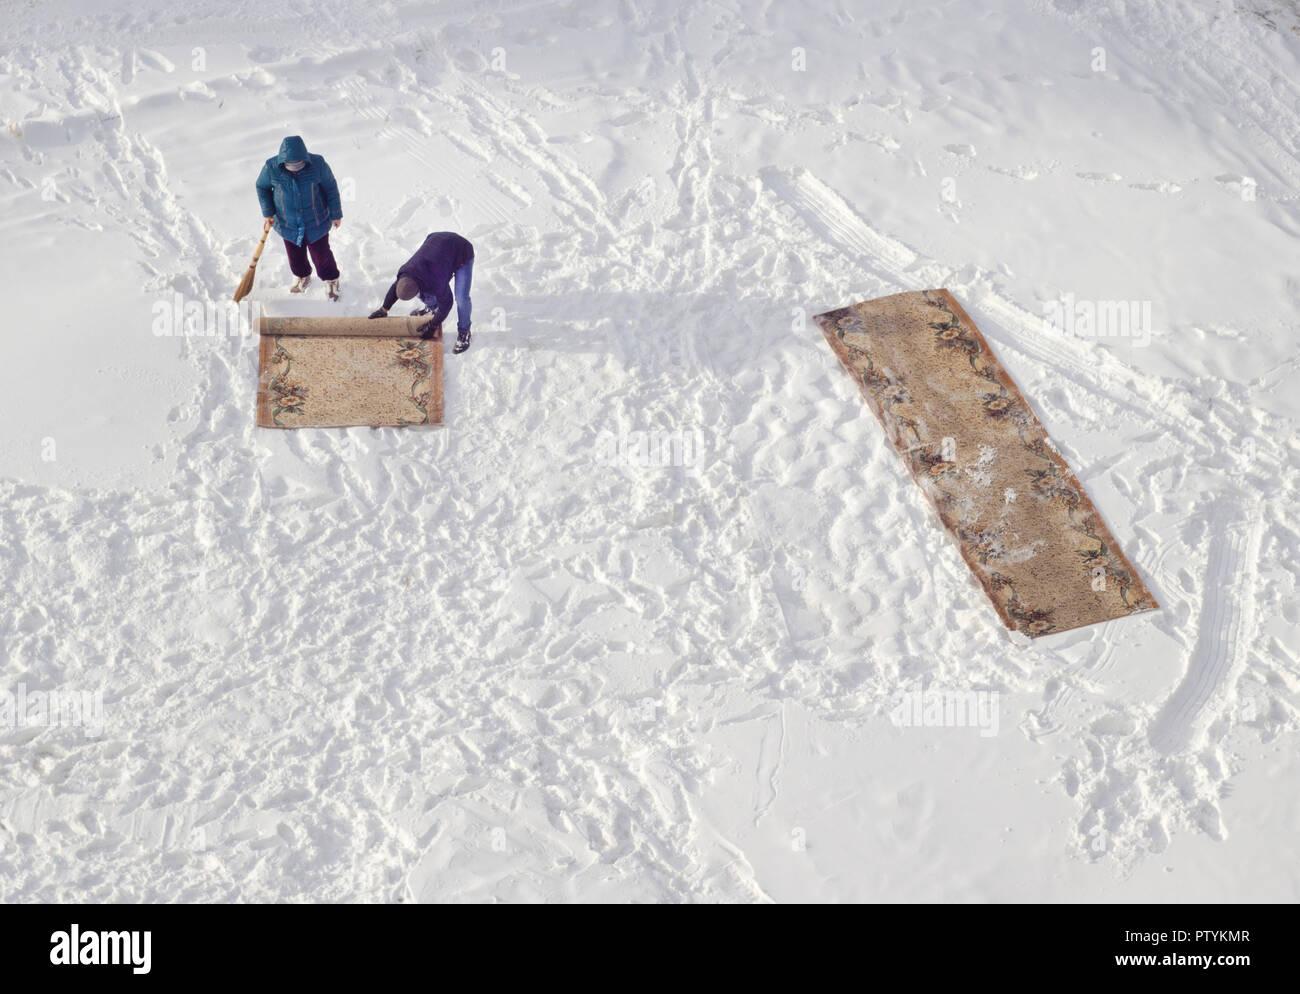 Teppichreinigung Im Schnee Stockfoto Bild 221884343 Alamy